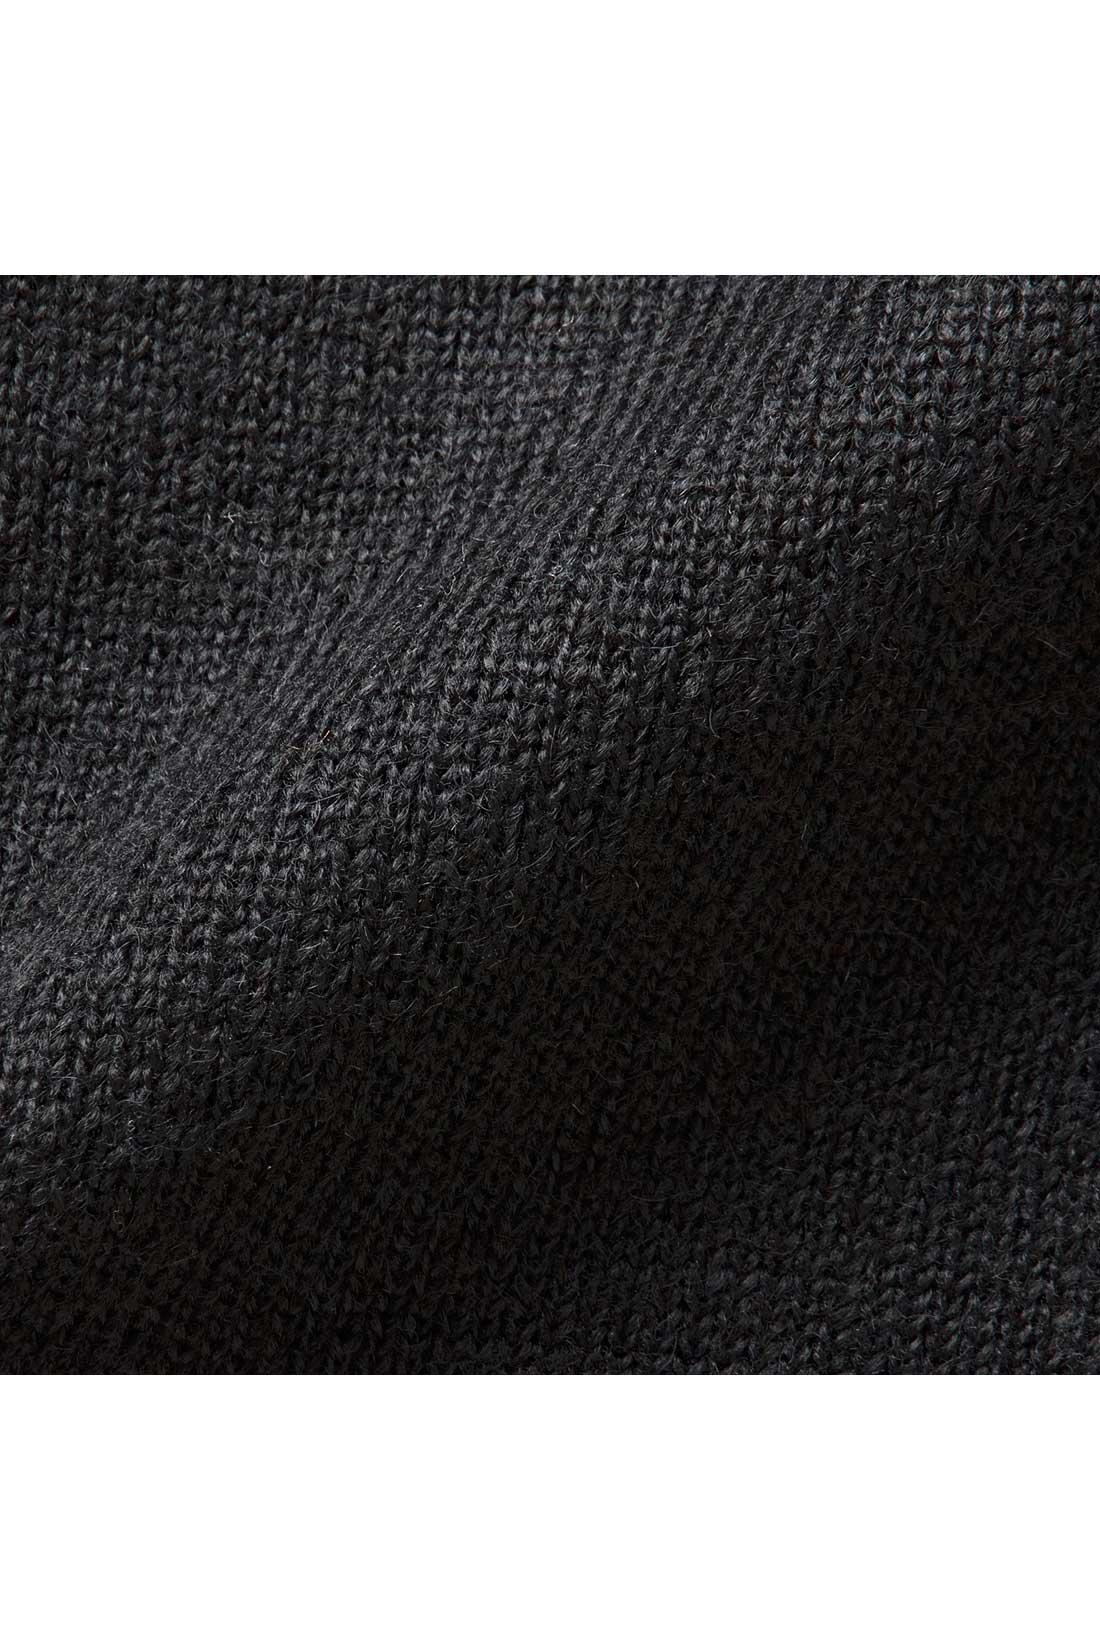 表面は無地、ほどよい厚みの両面編みニット素材。